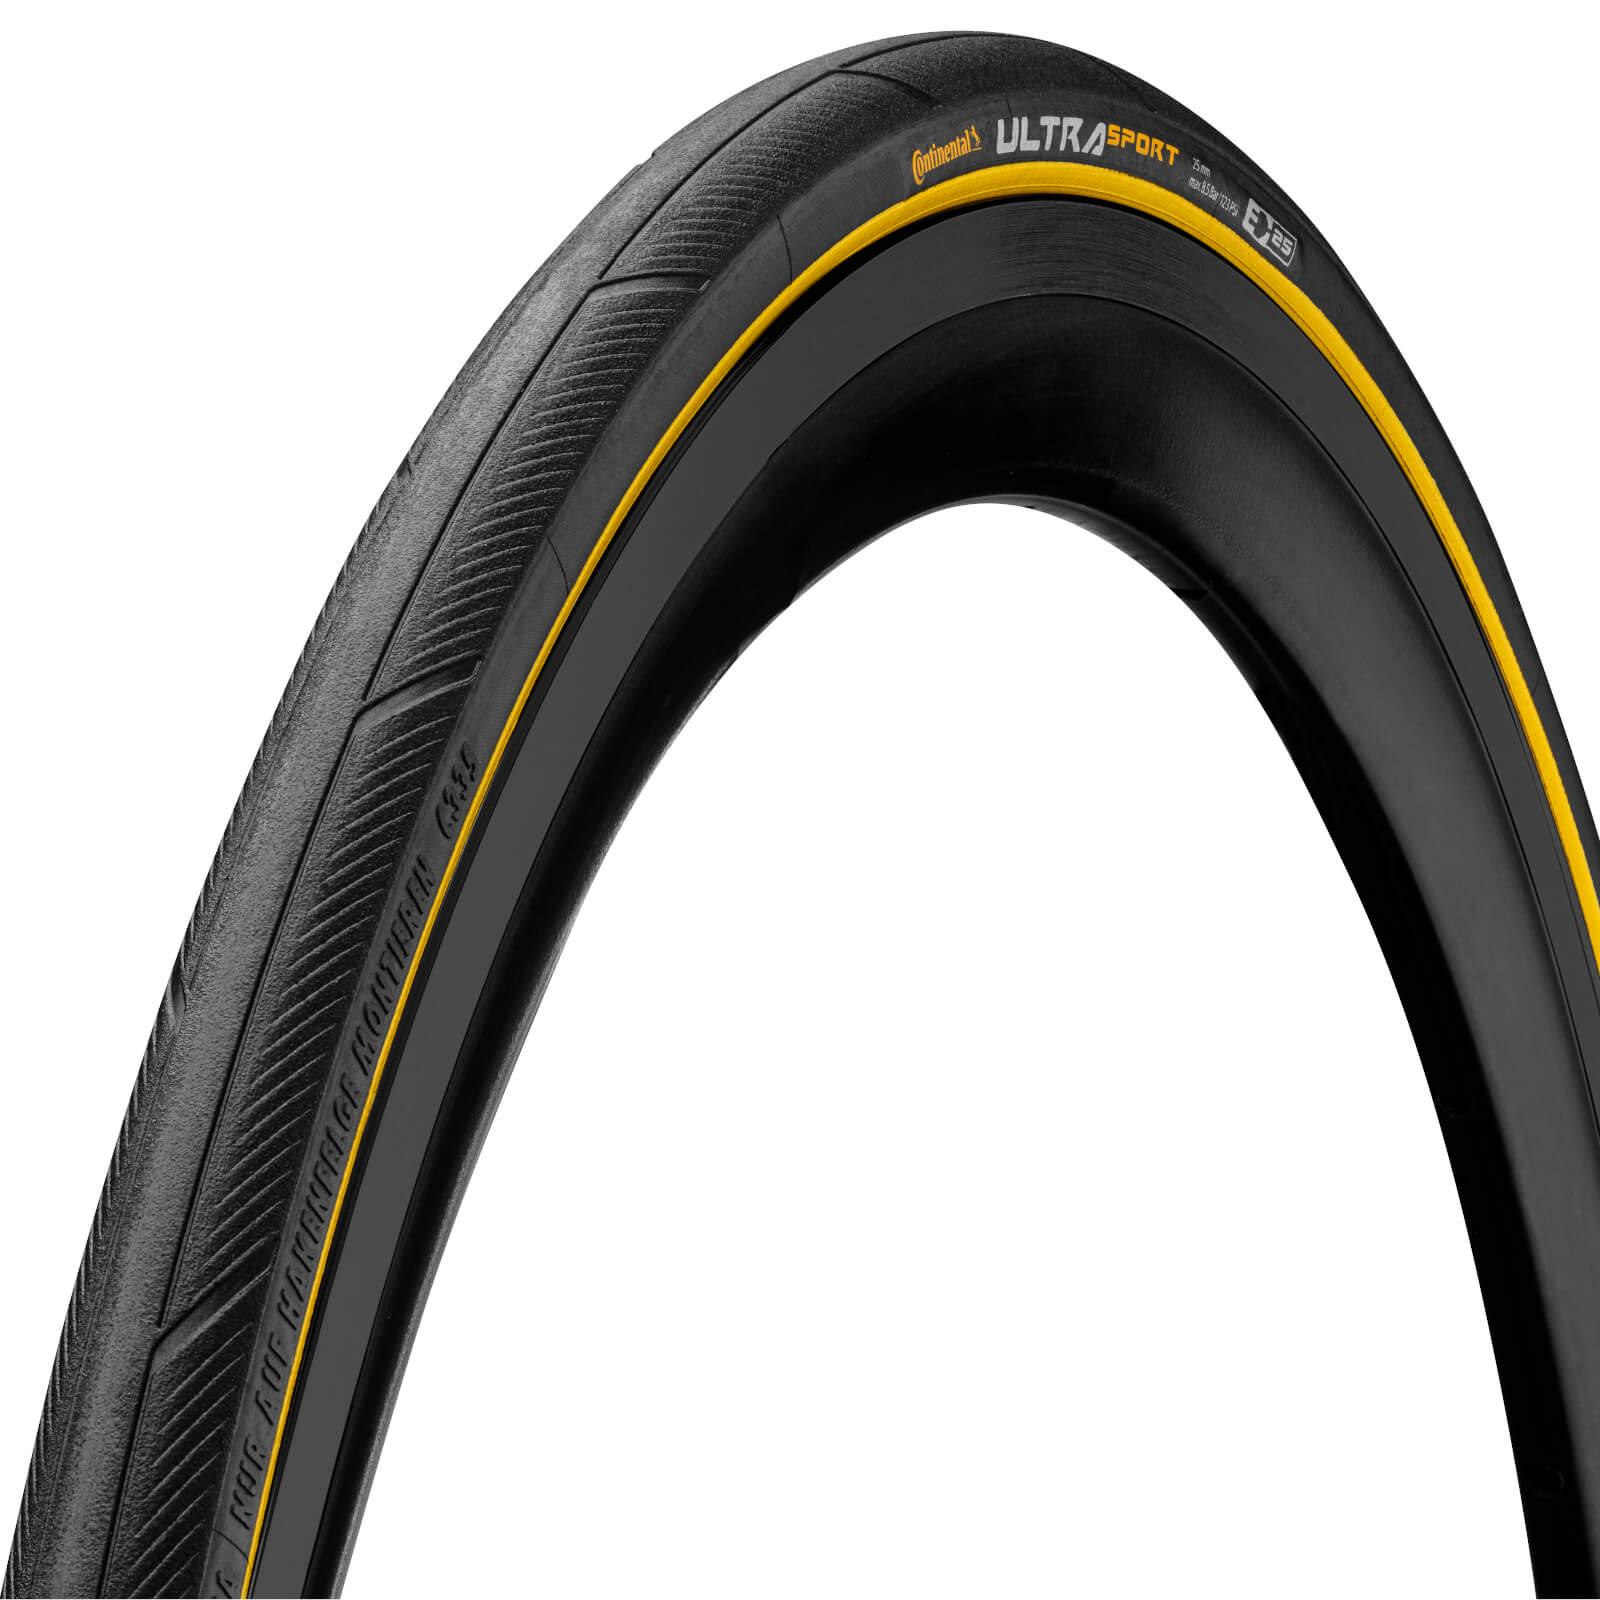 continental ultrasport iii clincher folding road tire - 700 x 25c - black/yellow